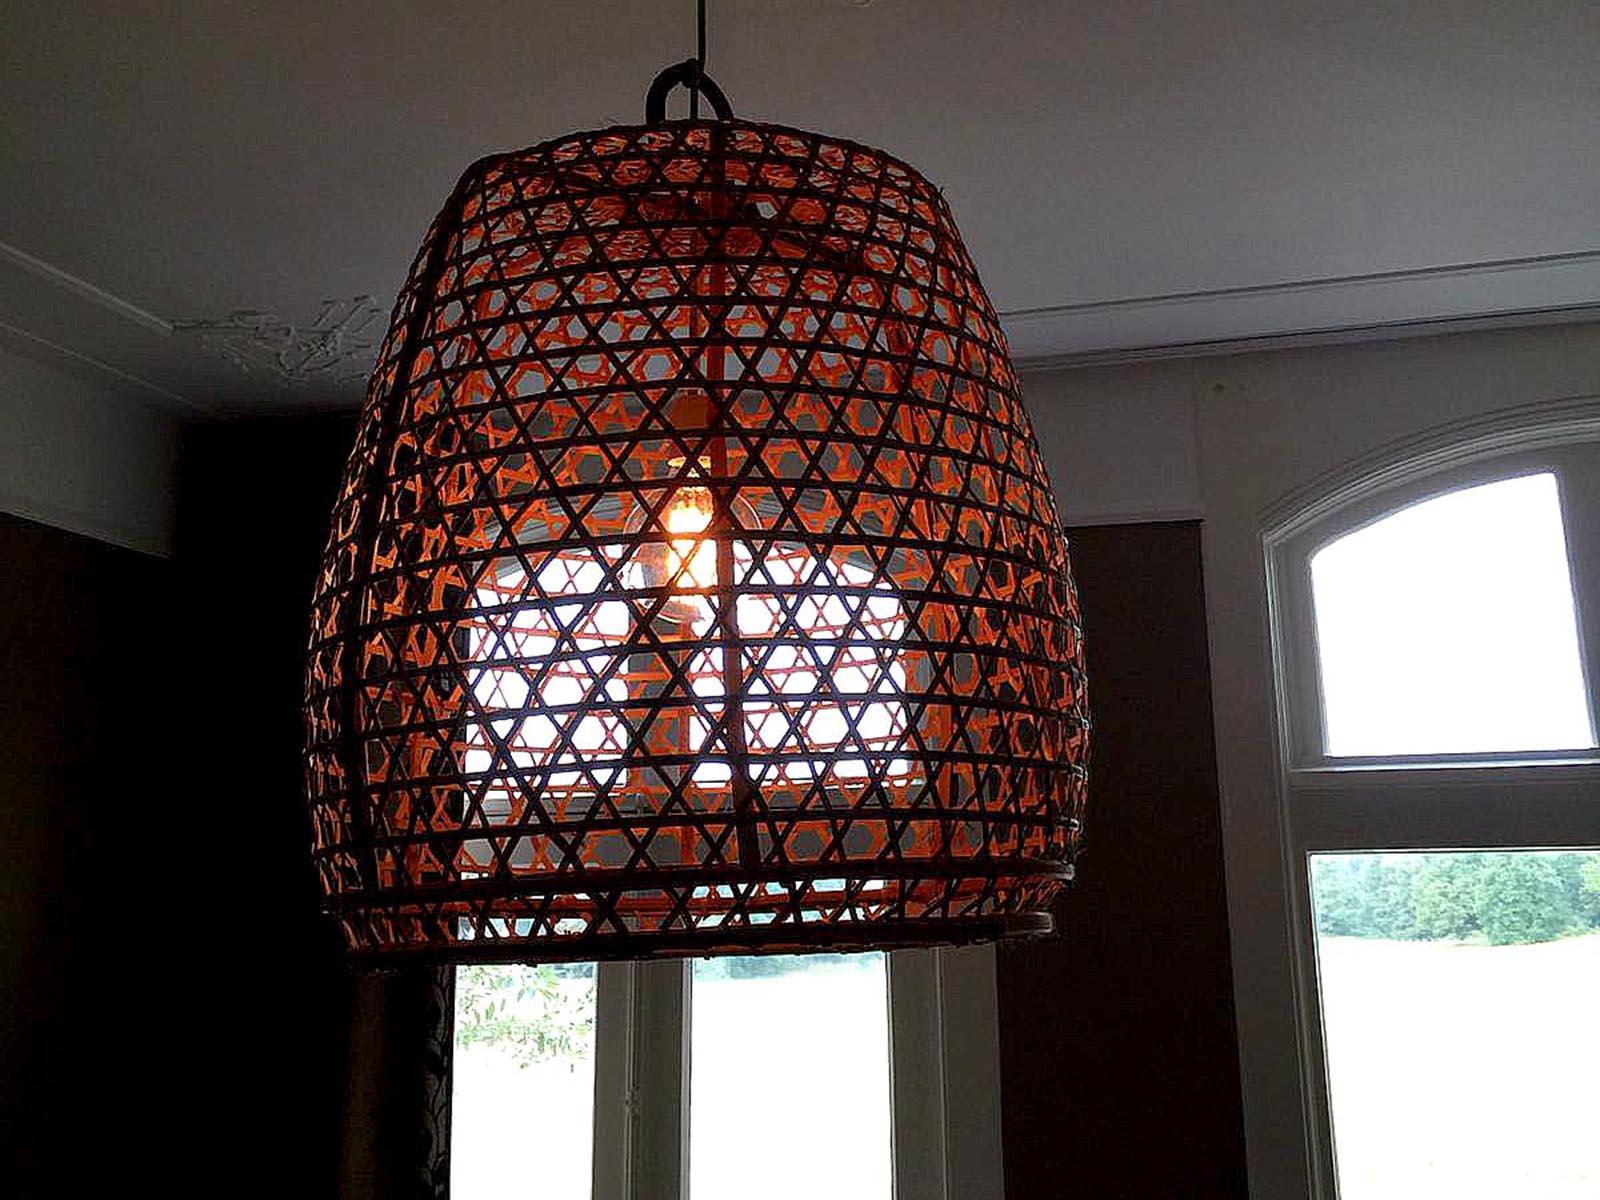 Woonkamer-Lamp – JURJUS ELEKTROTECHNIEK